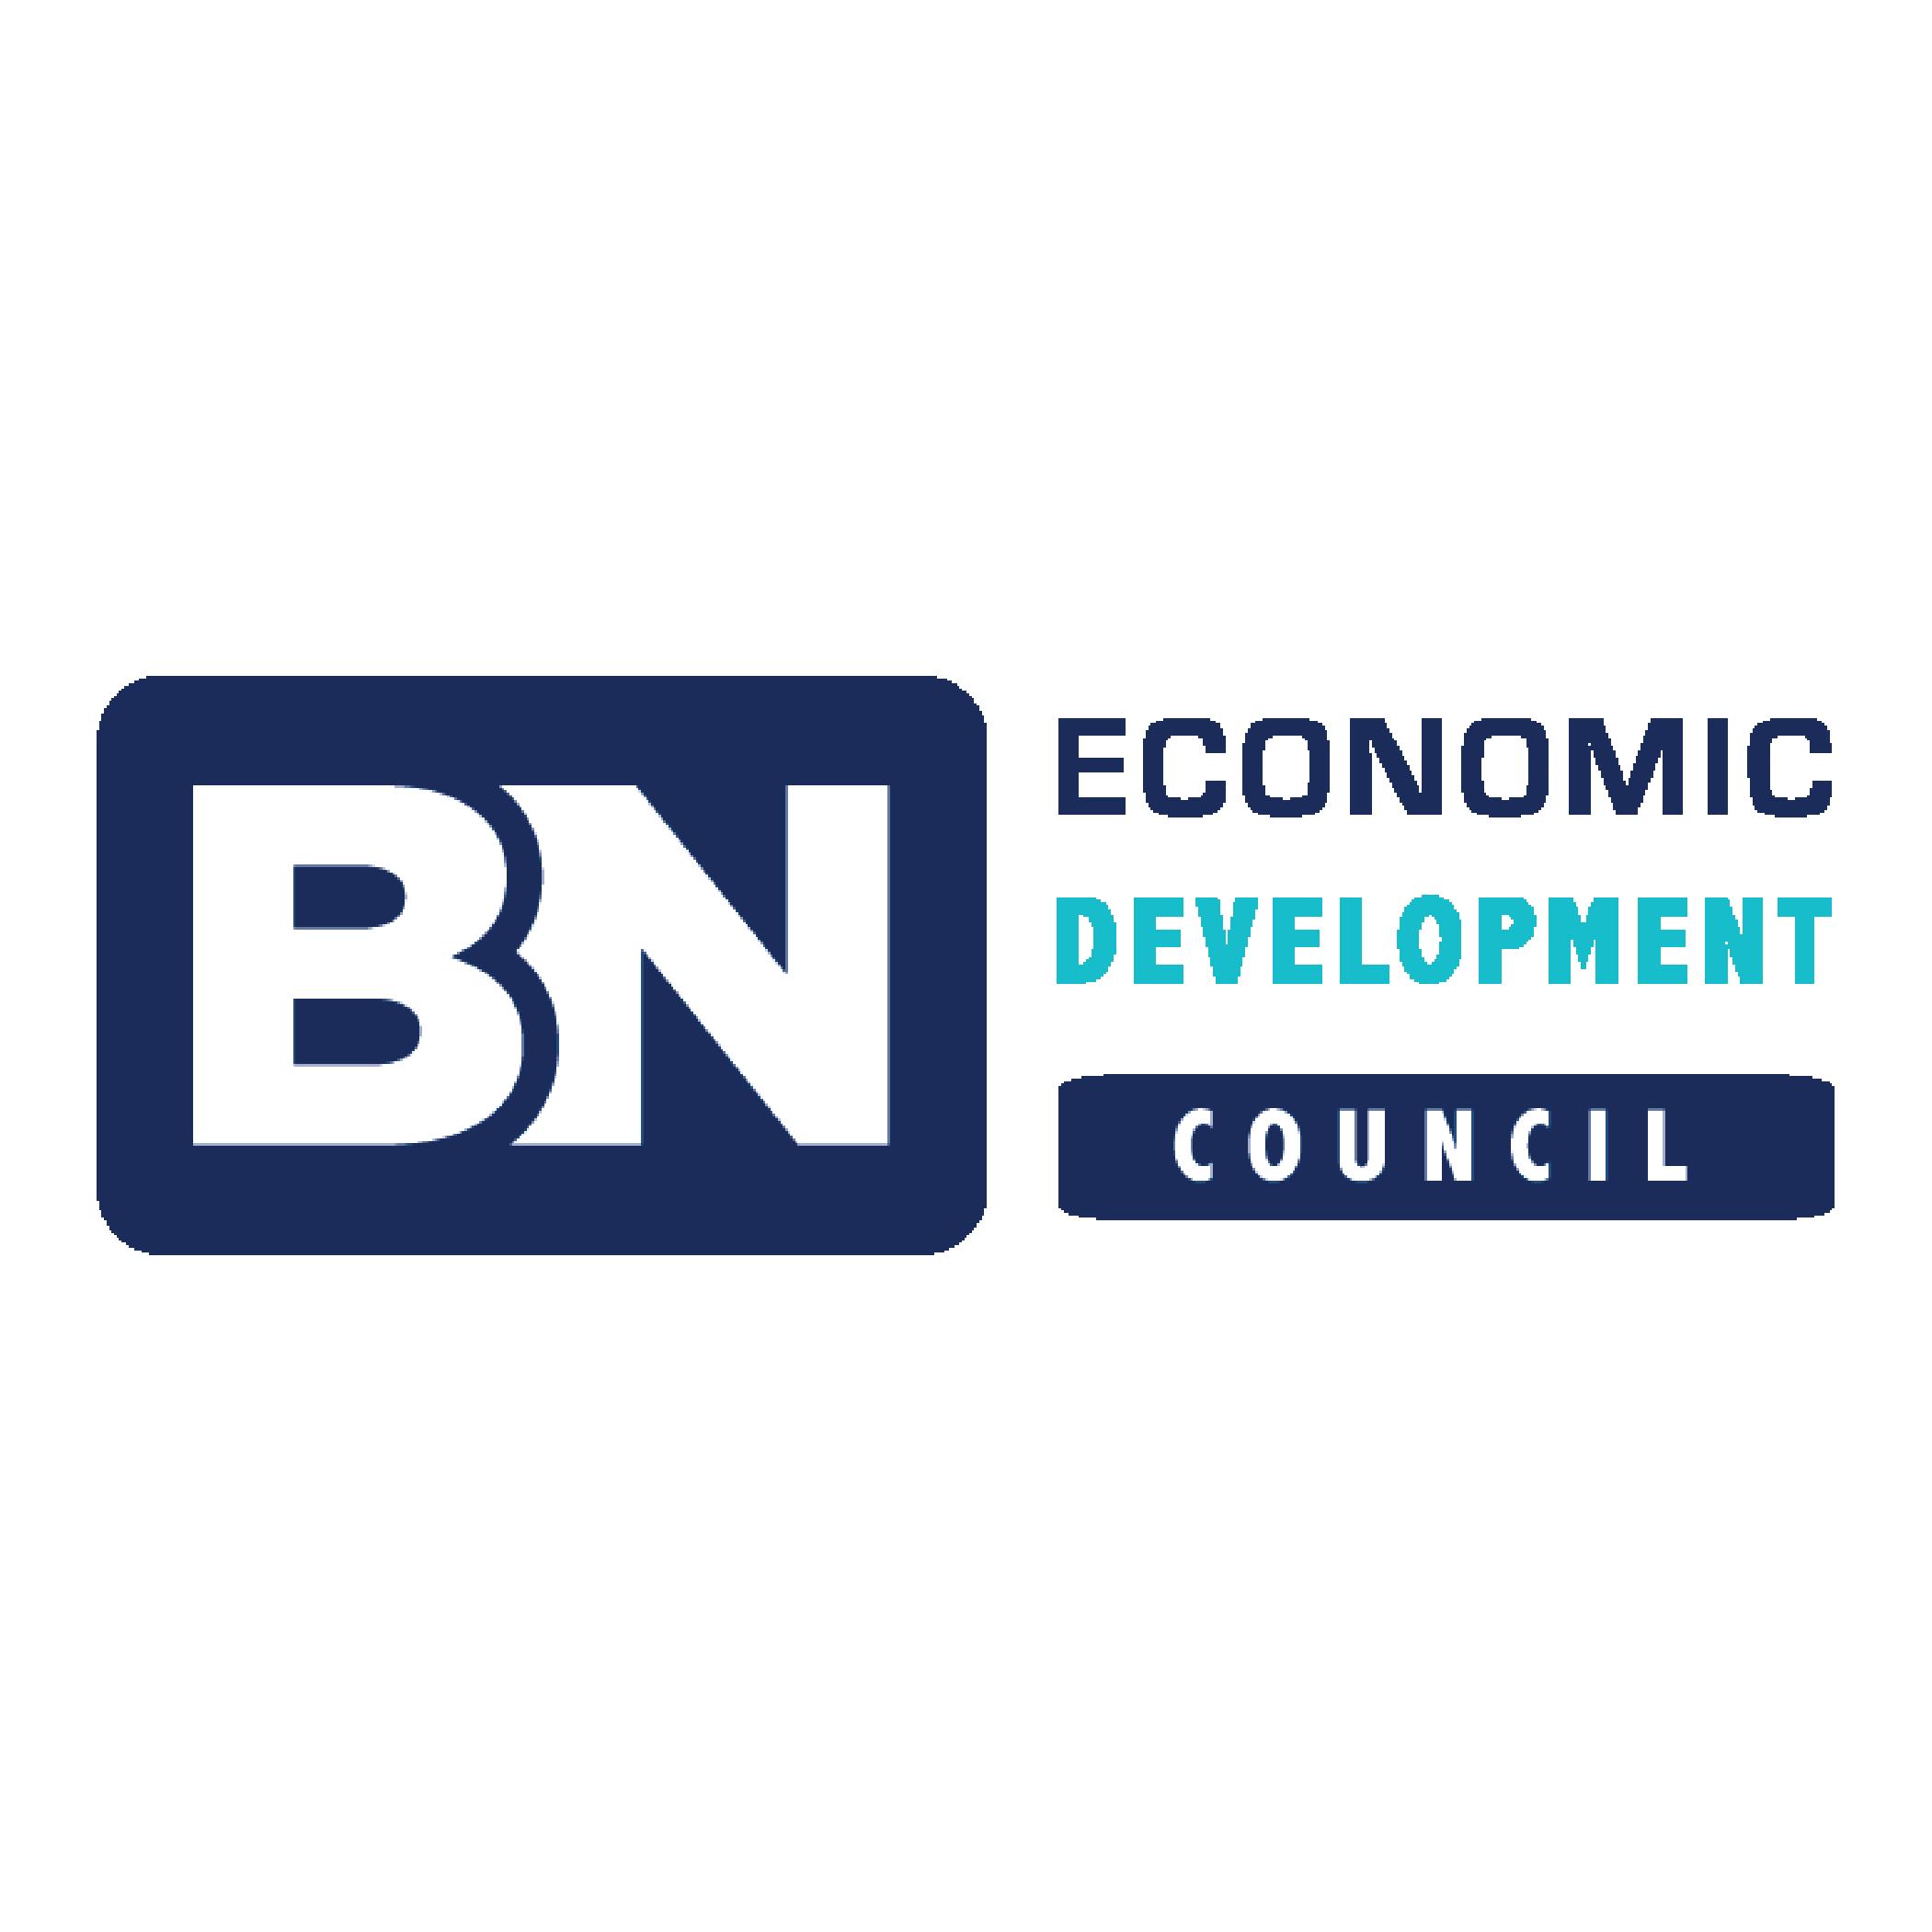 Economic Development Council